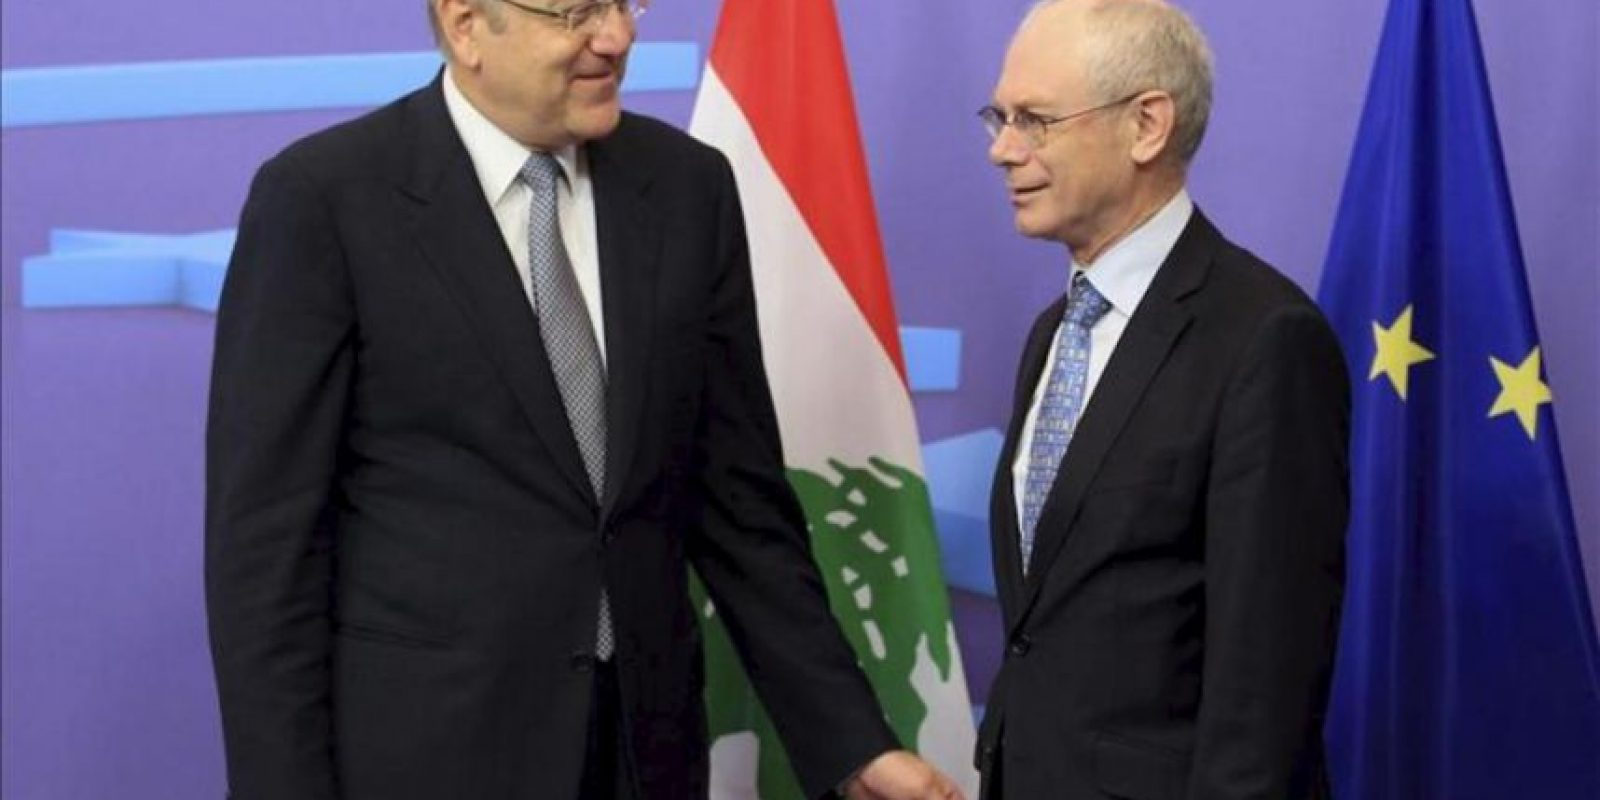 El presidente del Consejo Europeo, Herman Van Rompuy (dcha), recibe al primer ministro libanés, Najib Mikati (izda), hoy antes de su reunión en la sede de la Unión Europea en Bruselas (Bélgica). EFE